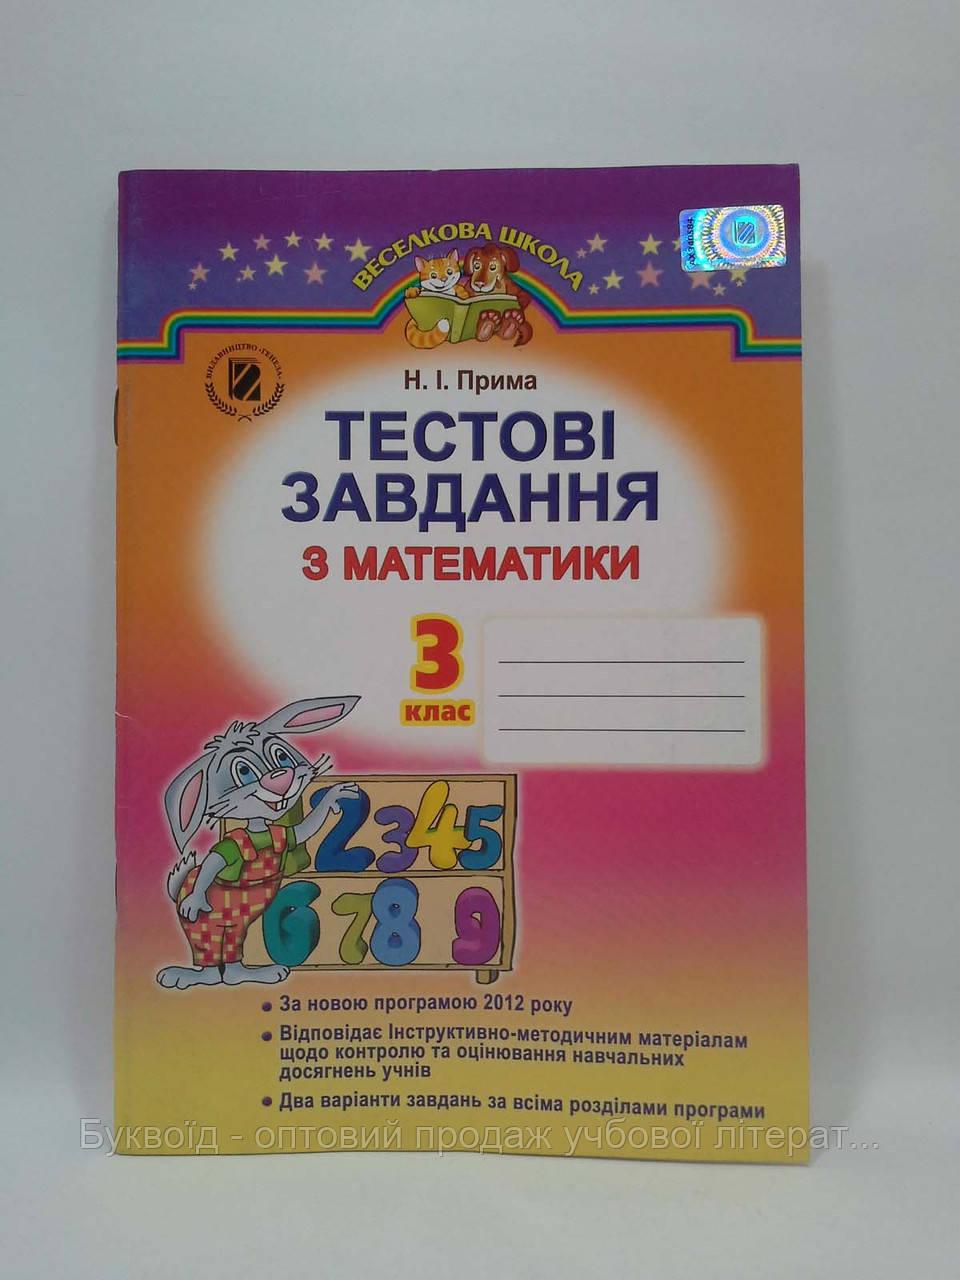 Прима Н.І. ISBN 978-966-11-0488-3 /Тестові завдання з математики, 3 кл.